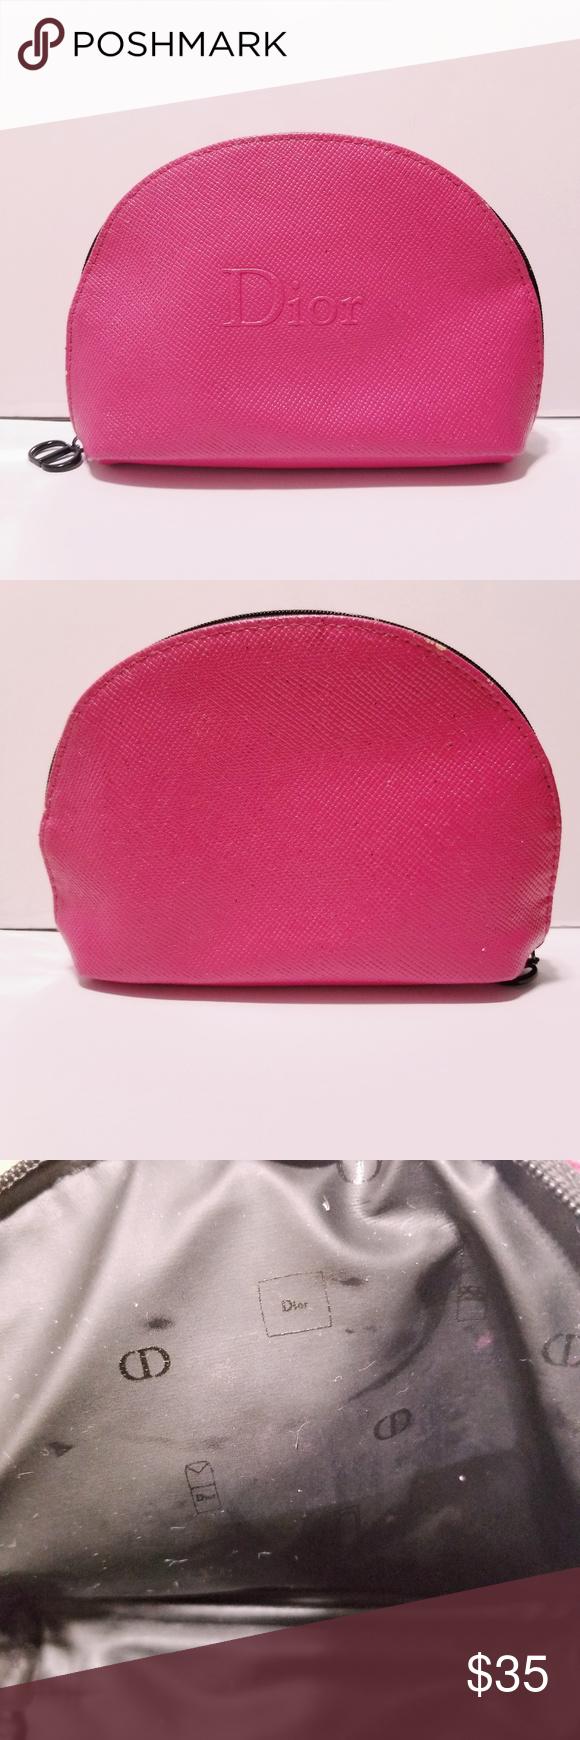 Dior Makeup Cosmetic Bag Pink Dior makeup, Pink bag